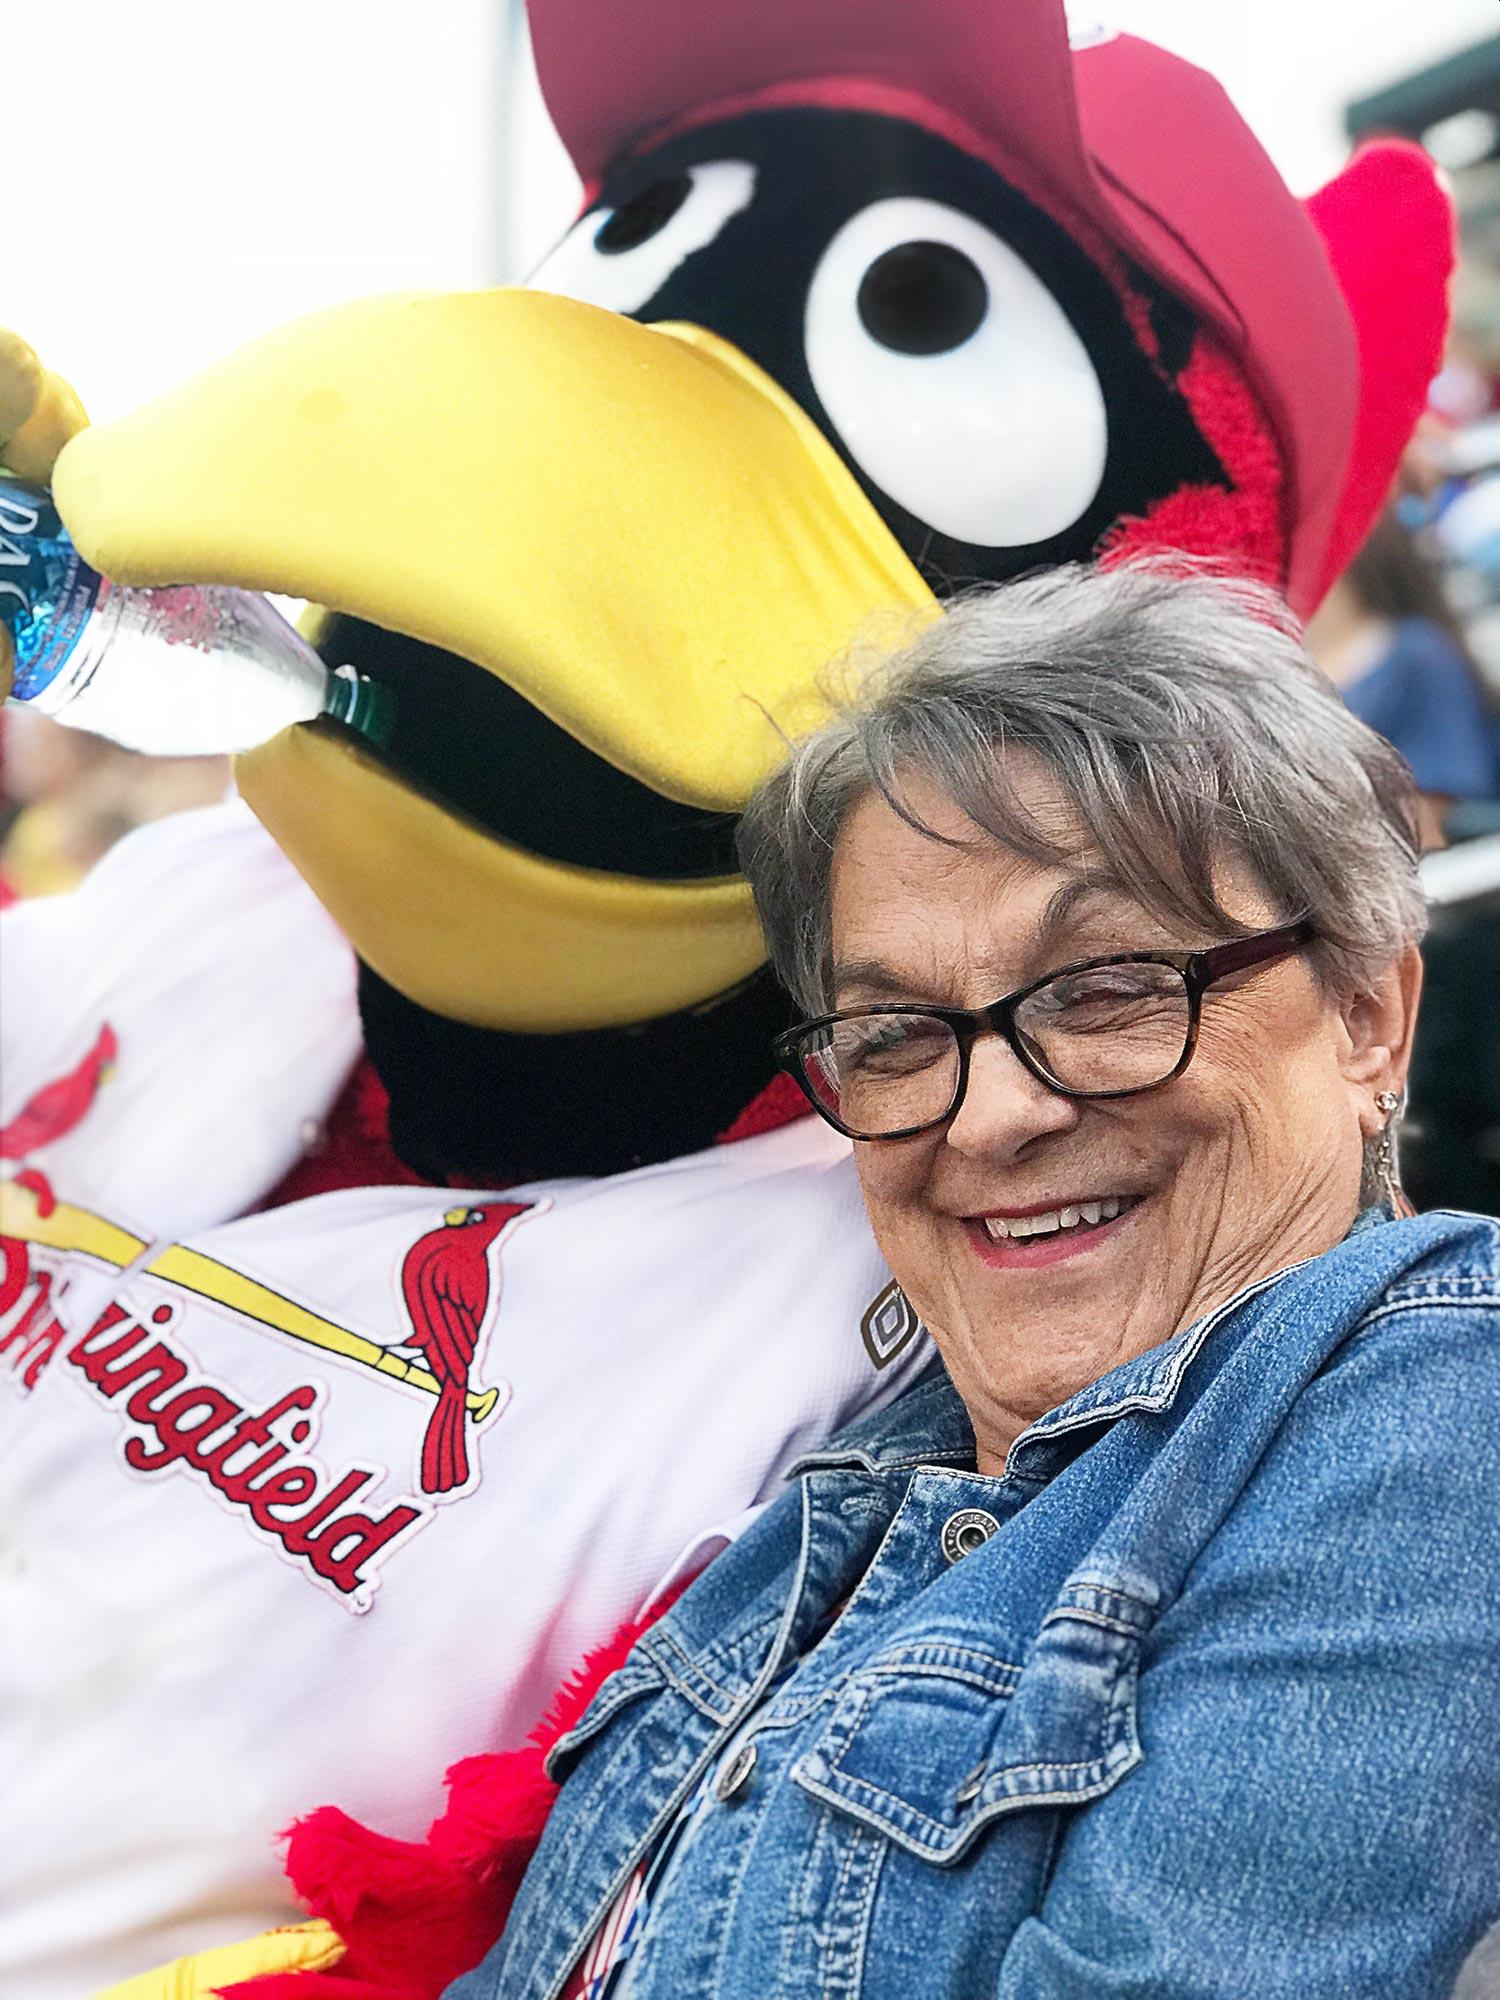 Springfield Cardinals Game